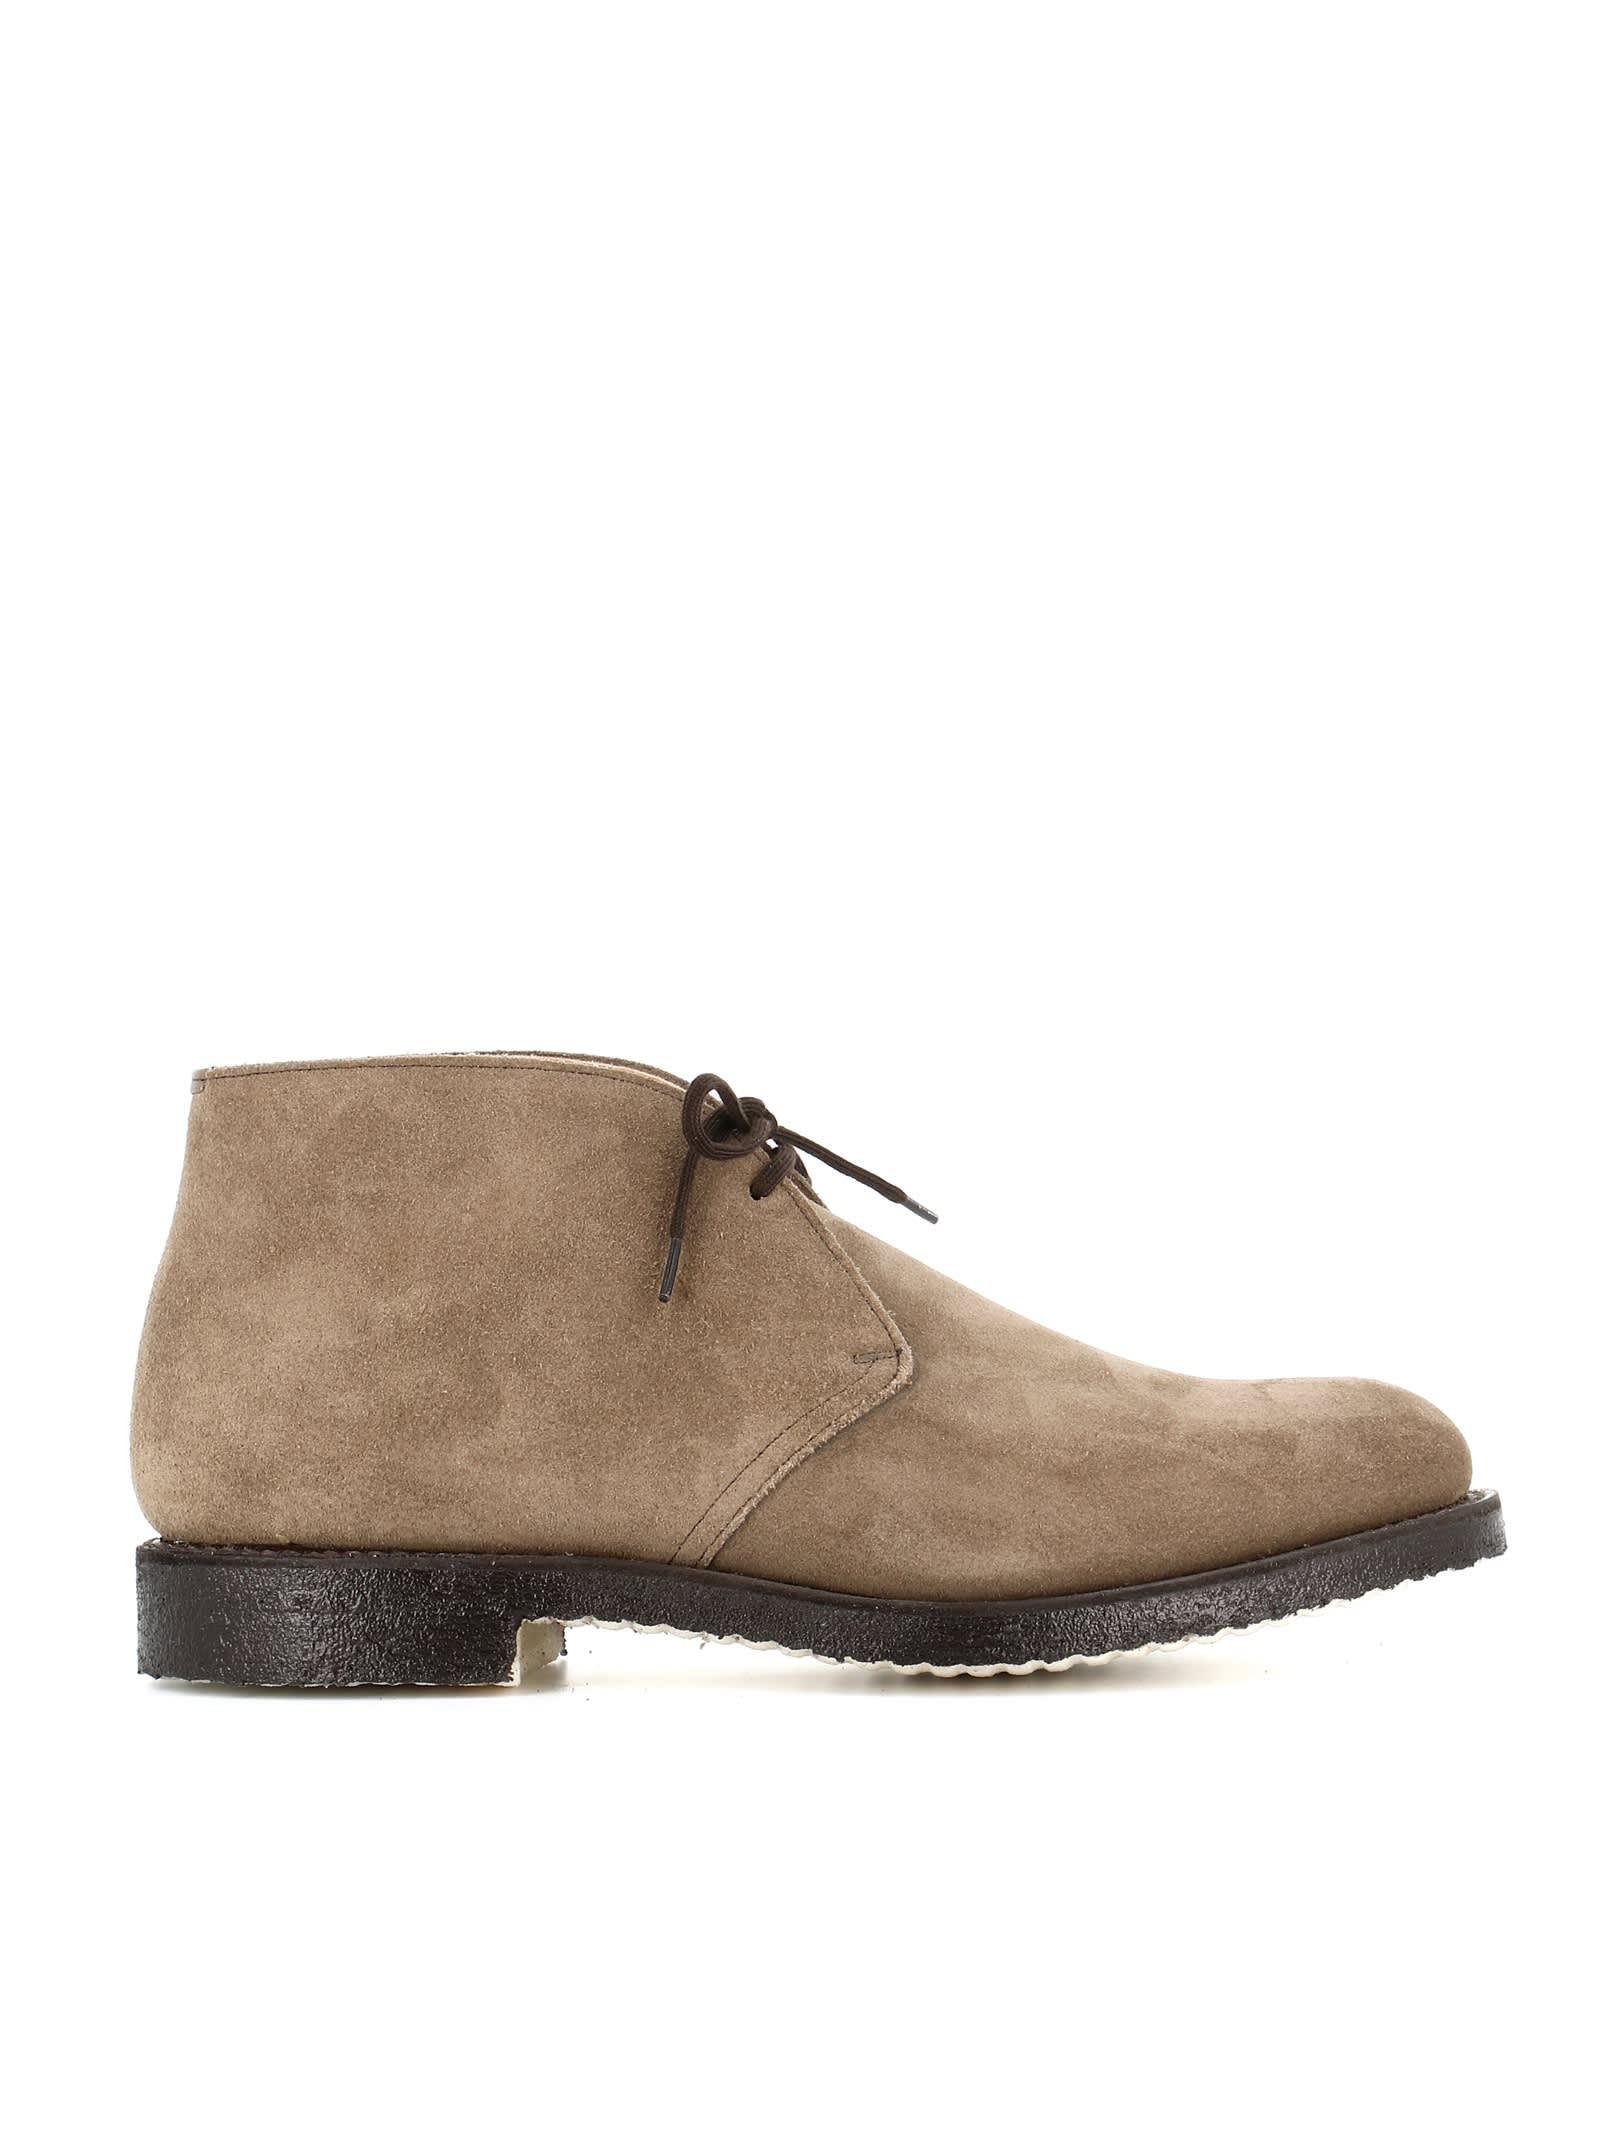 Churchs Desert-boots ryder